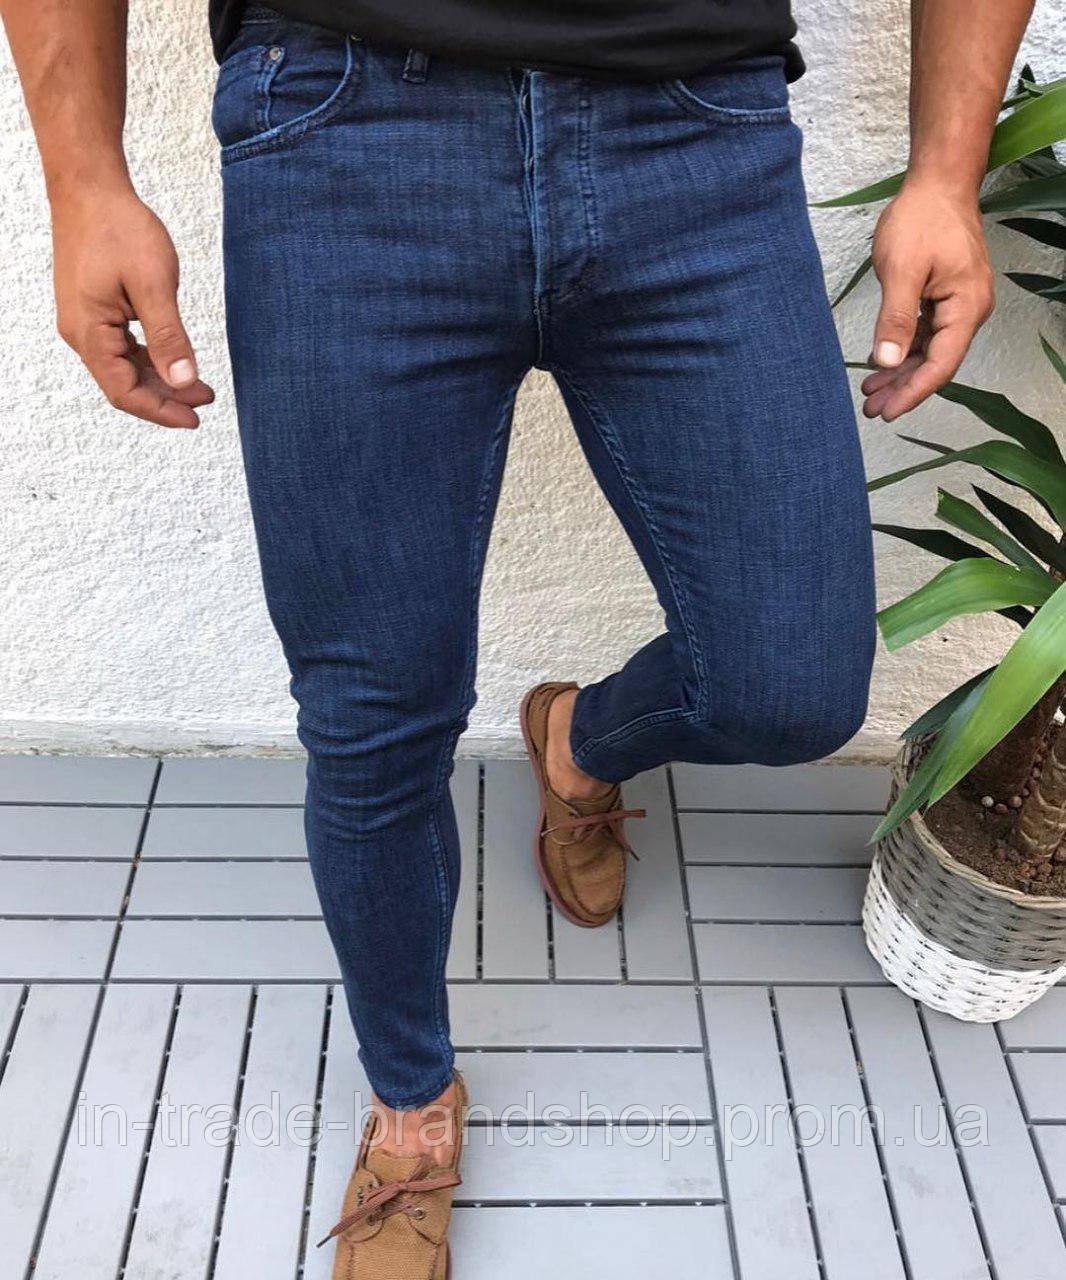 Мужские джинсы Slim Fit ТОП качество